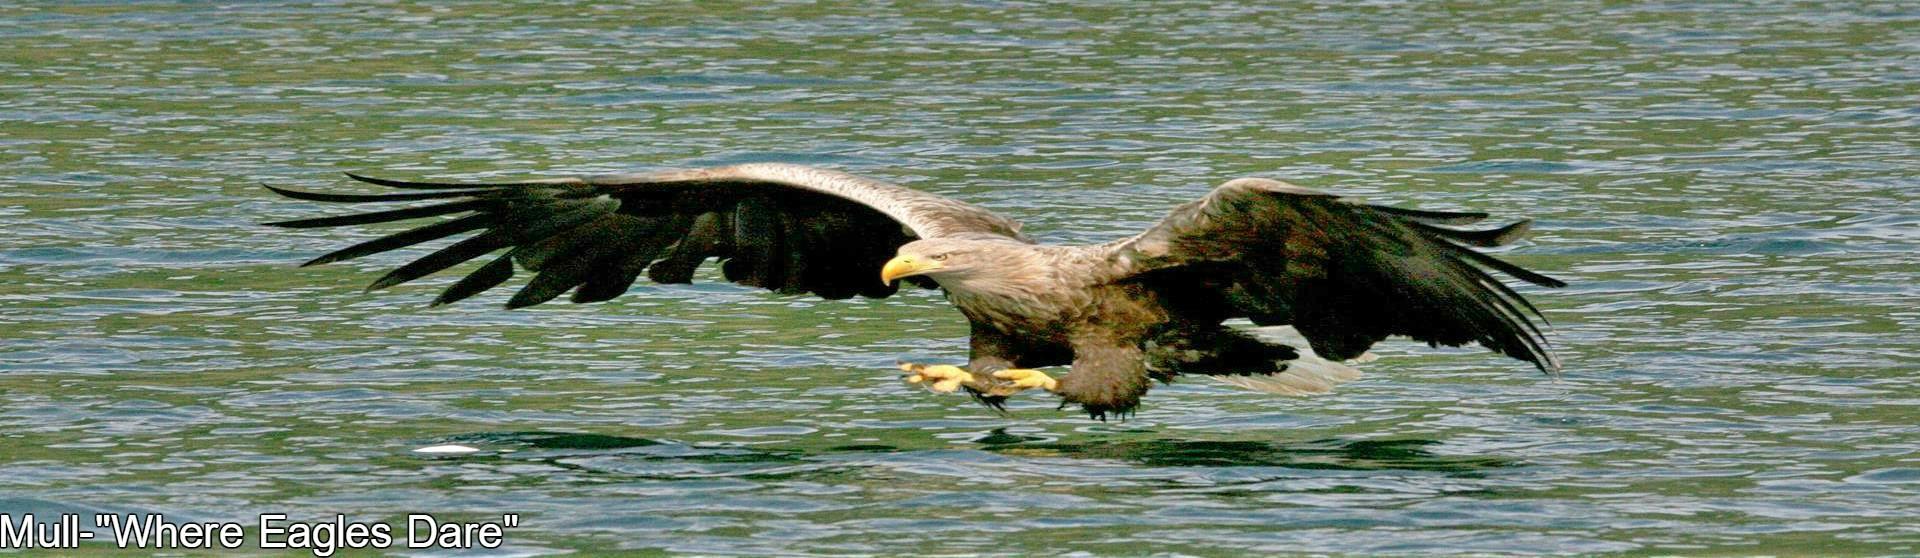 Sea Eagle,White tailed Eagle,Eagle Island,Fish Eagle,Isle of Mull,Mull